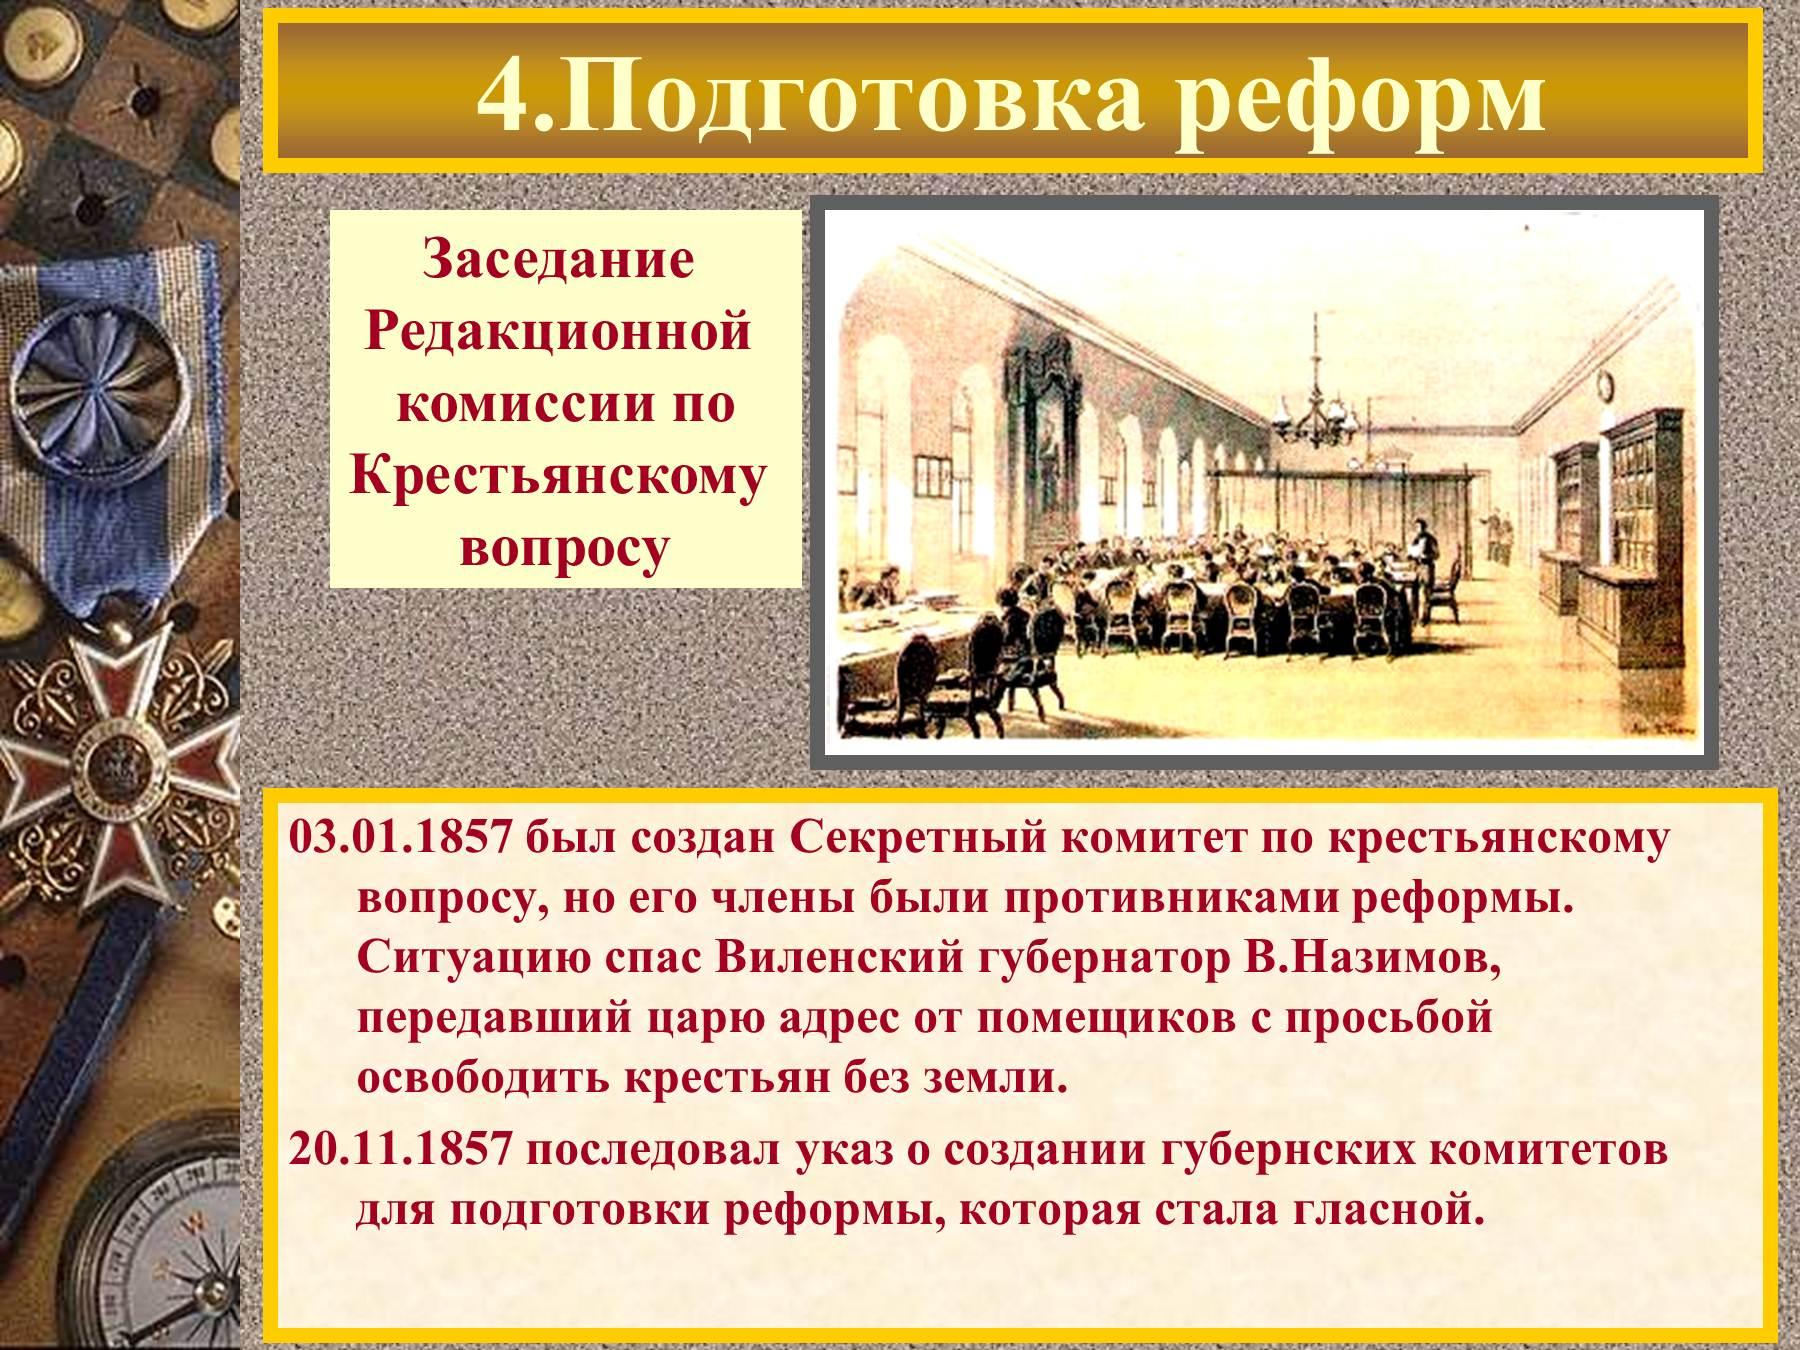 Что из названного было следствием проведения крестьянской реформы